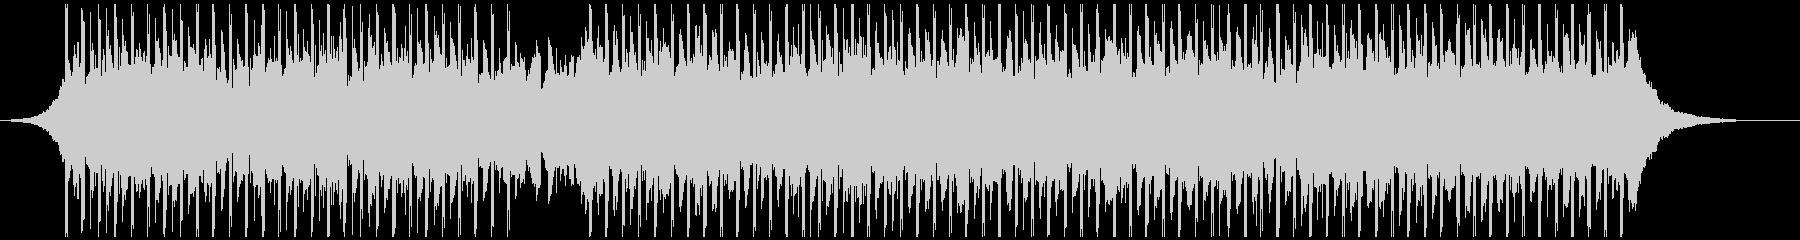 コーポレートスタートアップ(60秒)の未再生の波形